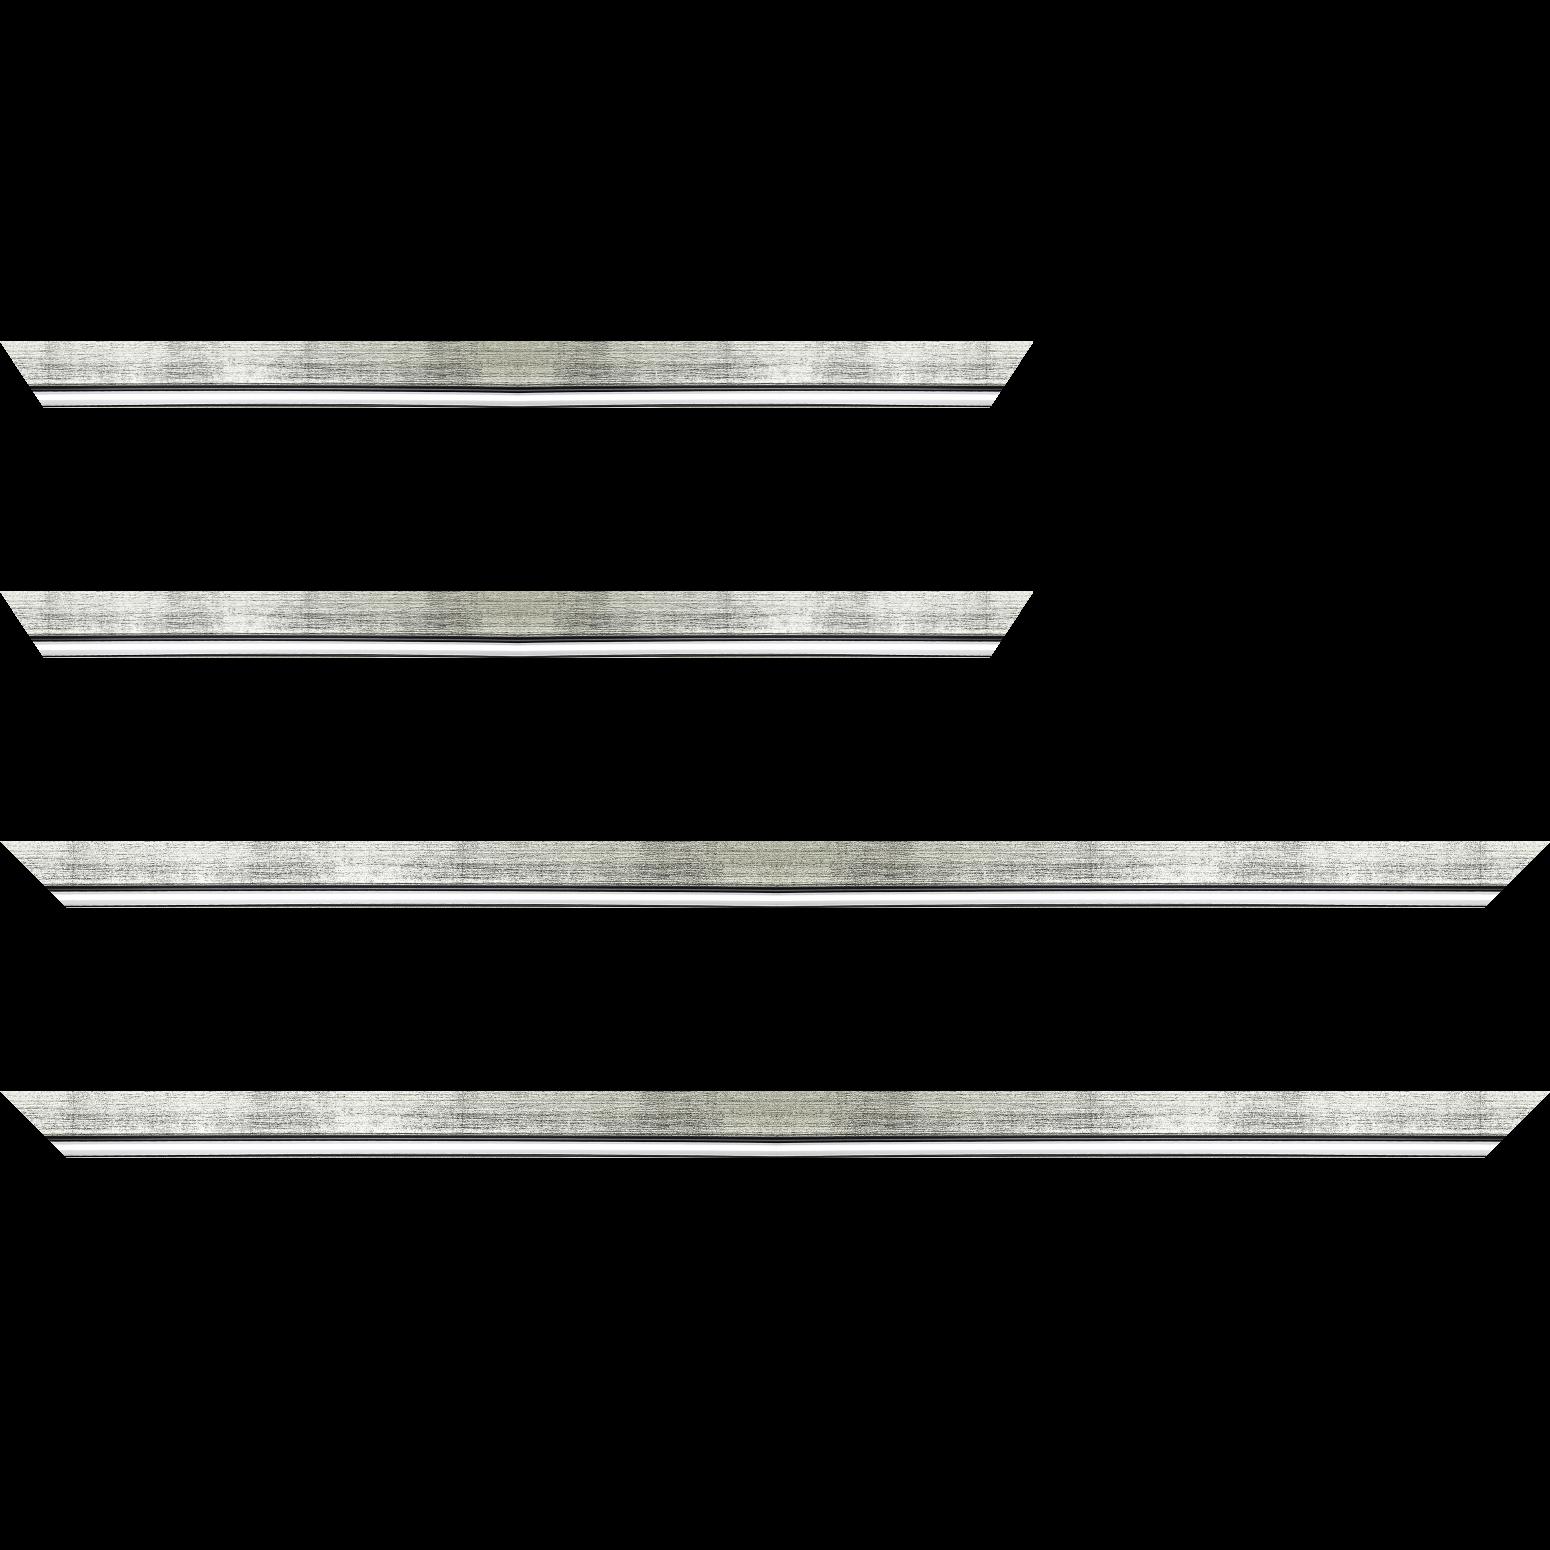 Baguette service précoupé Bois profil plat largeur 2.5cm couleur argent chaud filet argent froid surligné noir